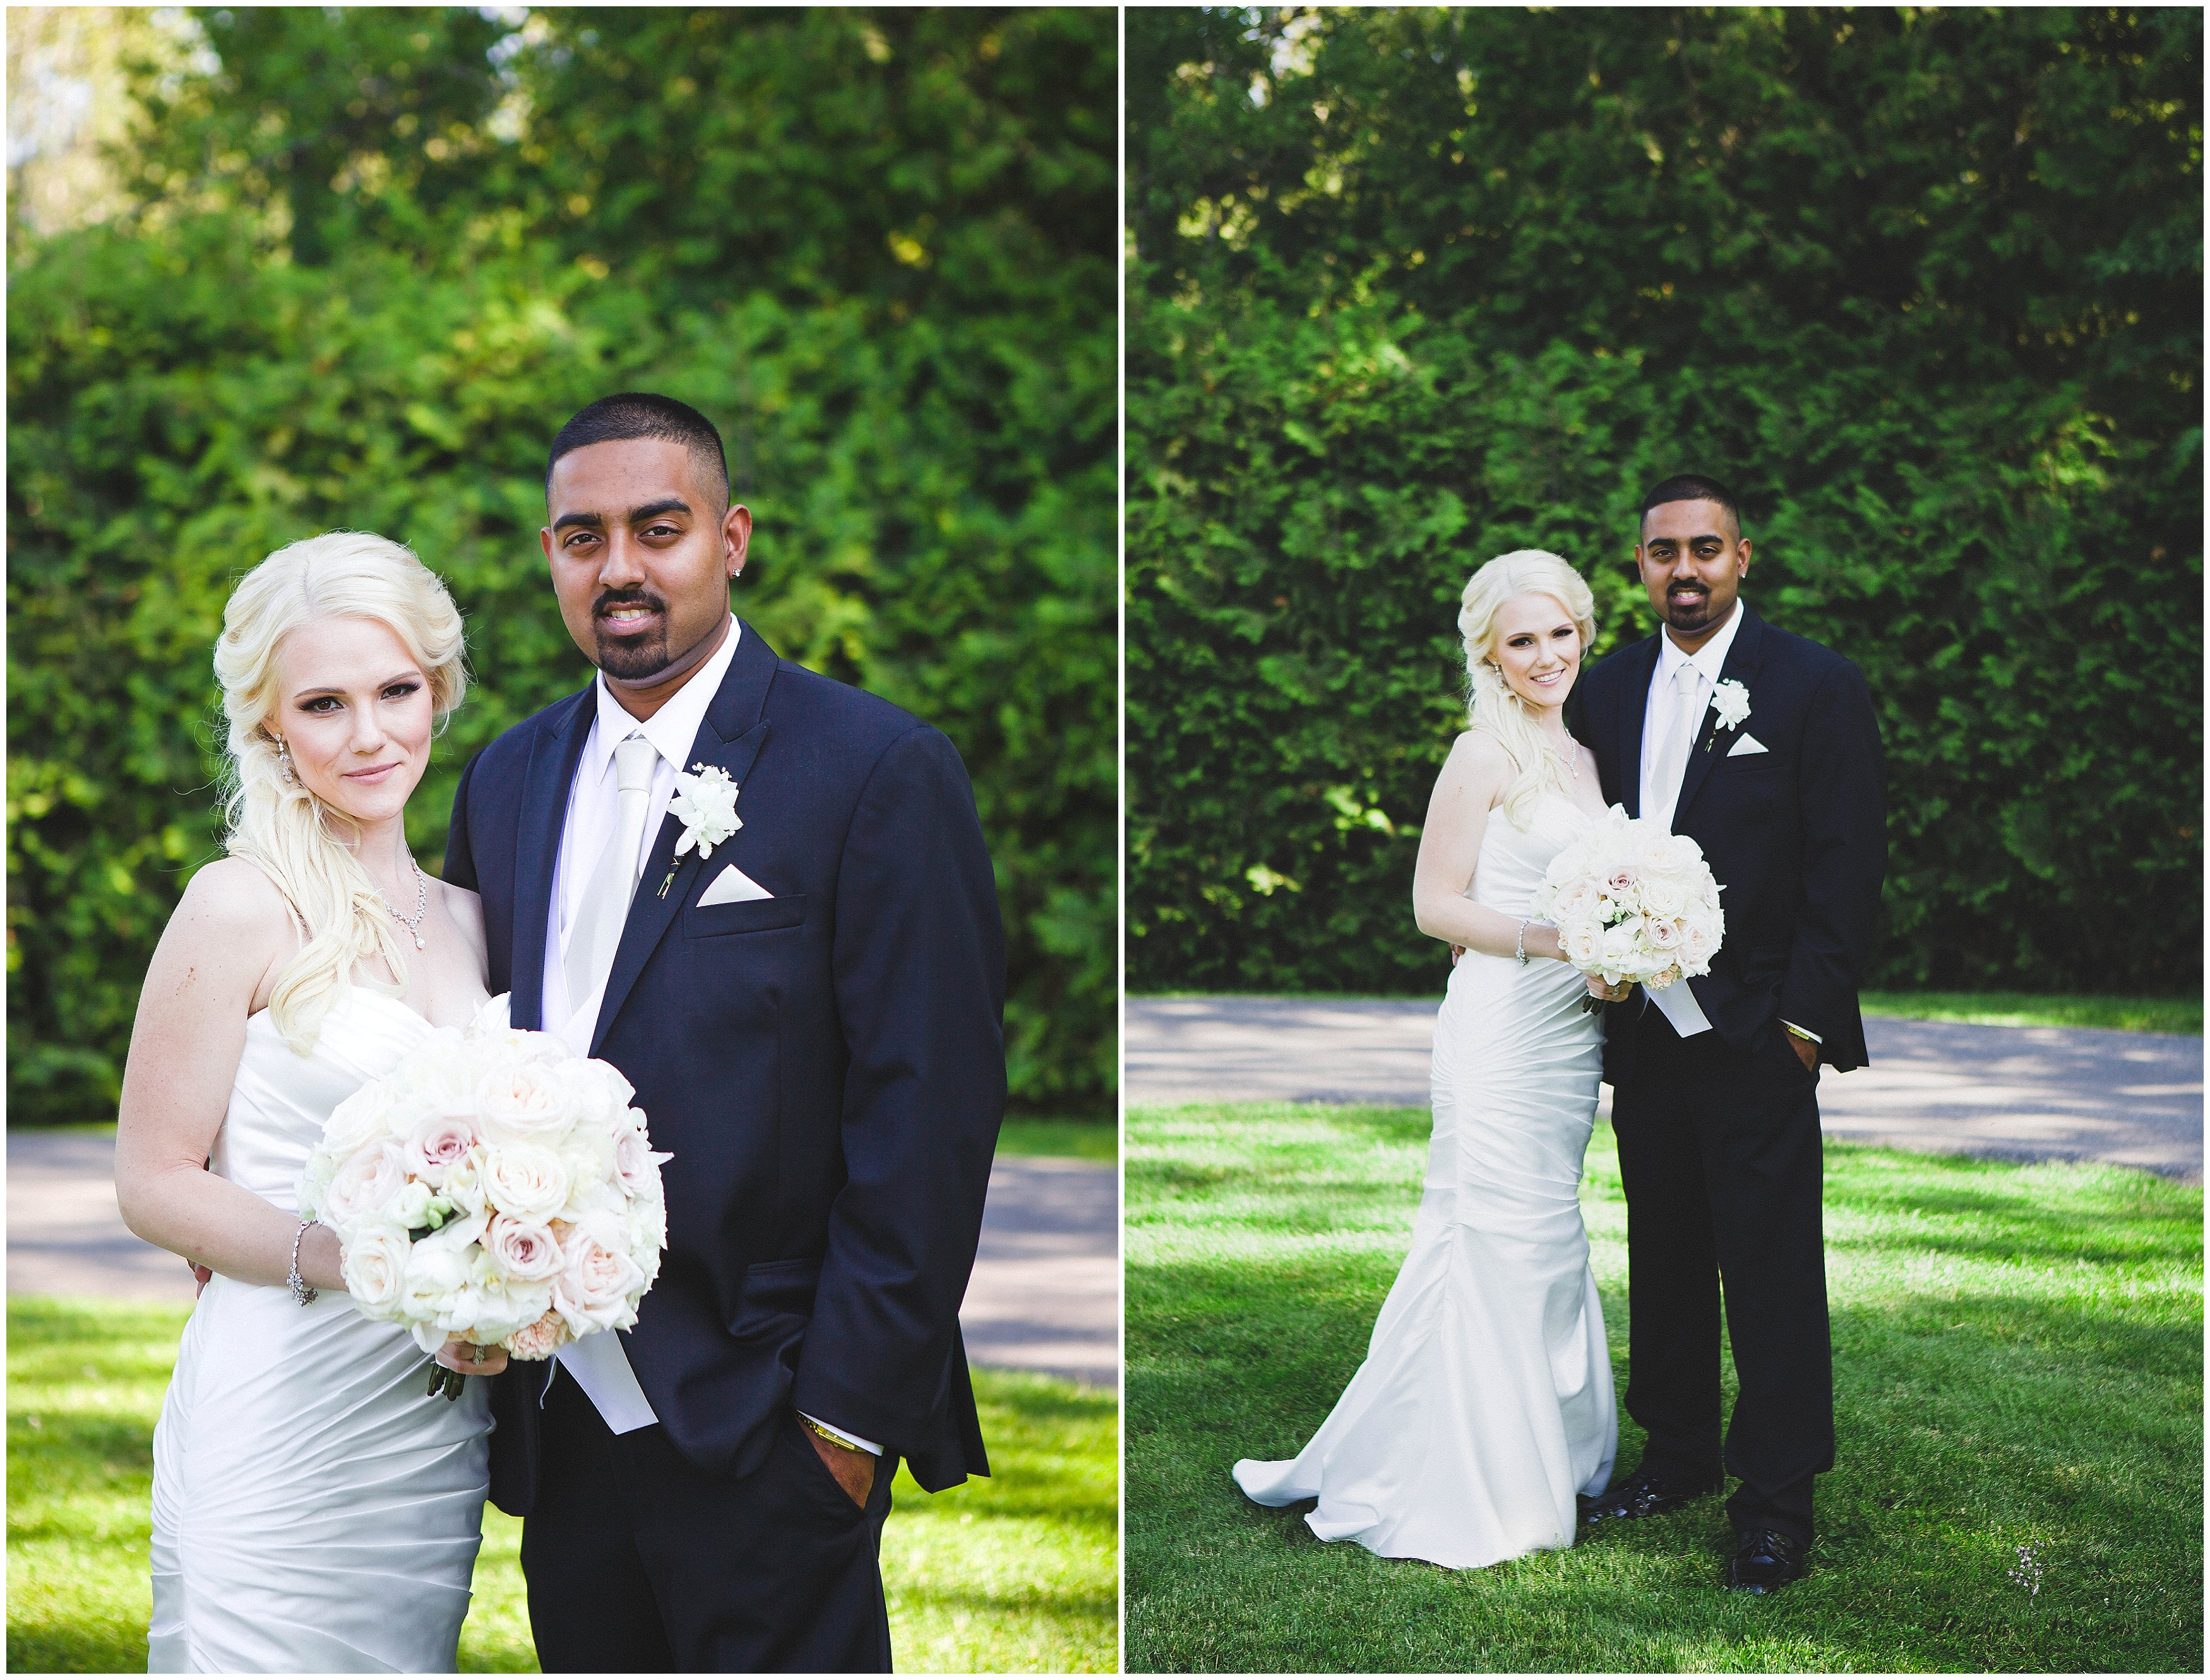 adria&nicknestletonwedding_0055.jpg